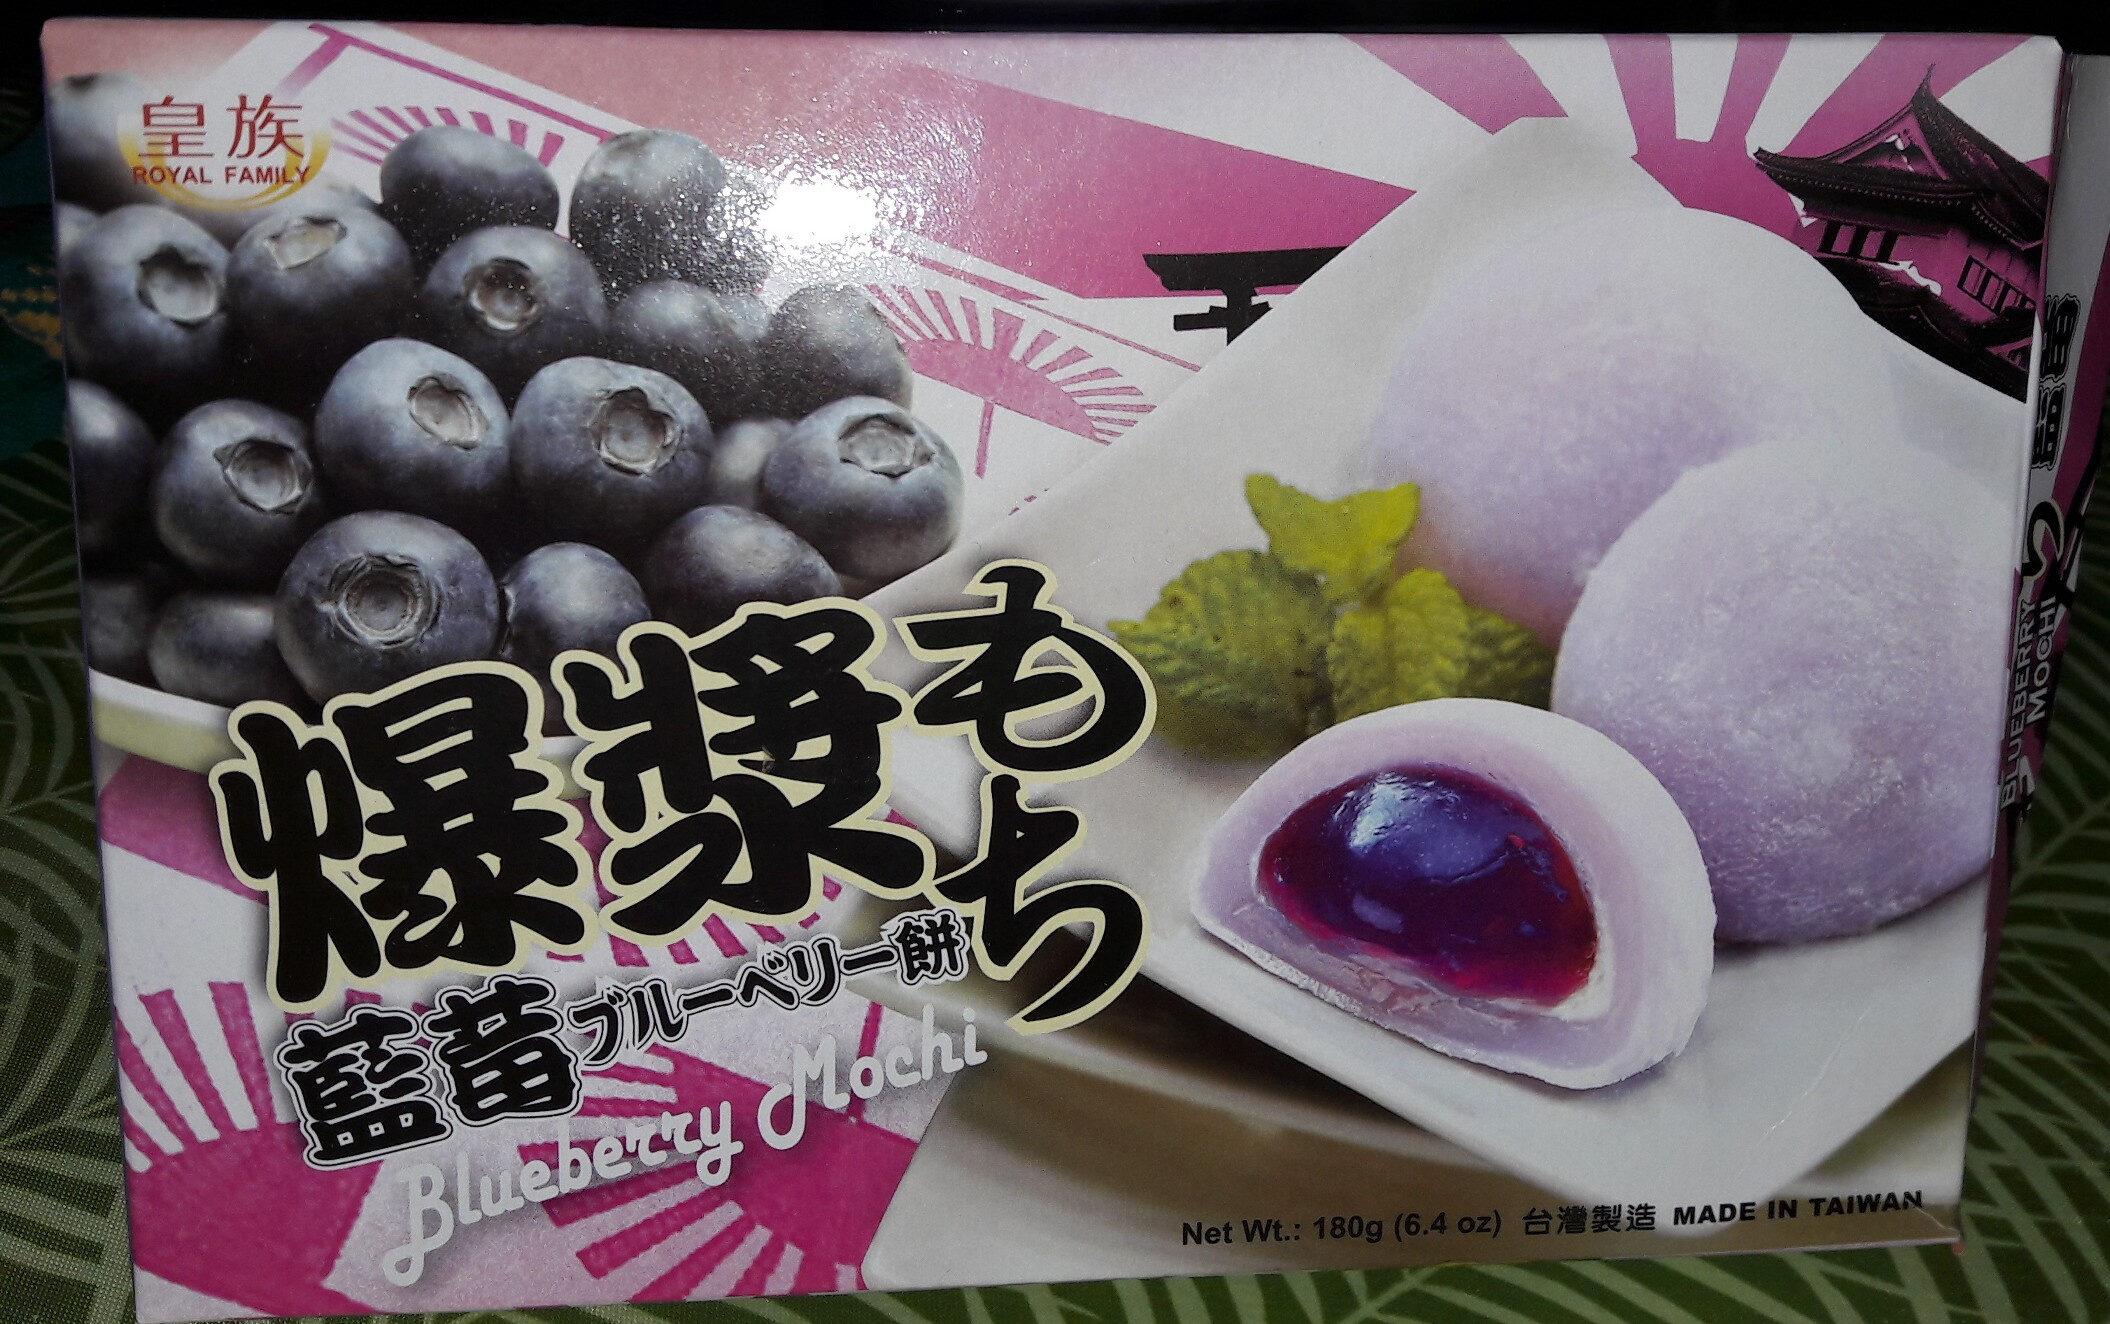 Blueberry Mochi - Product